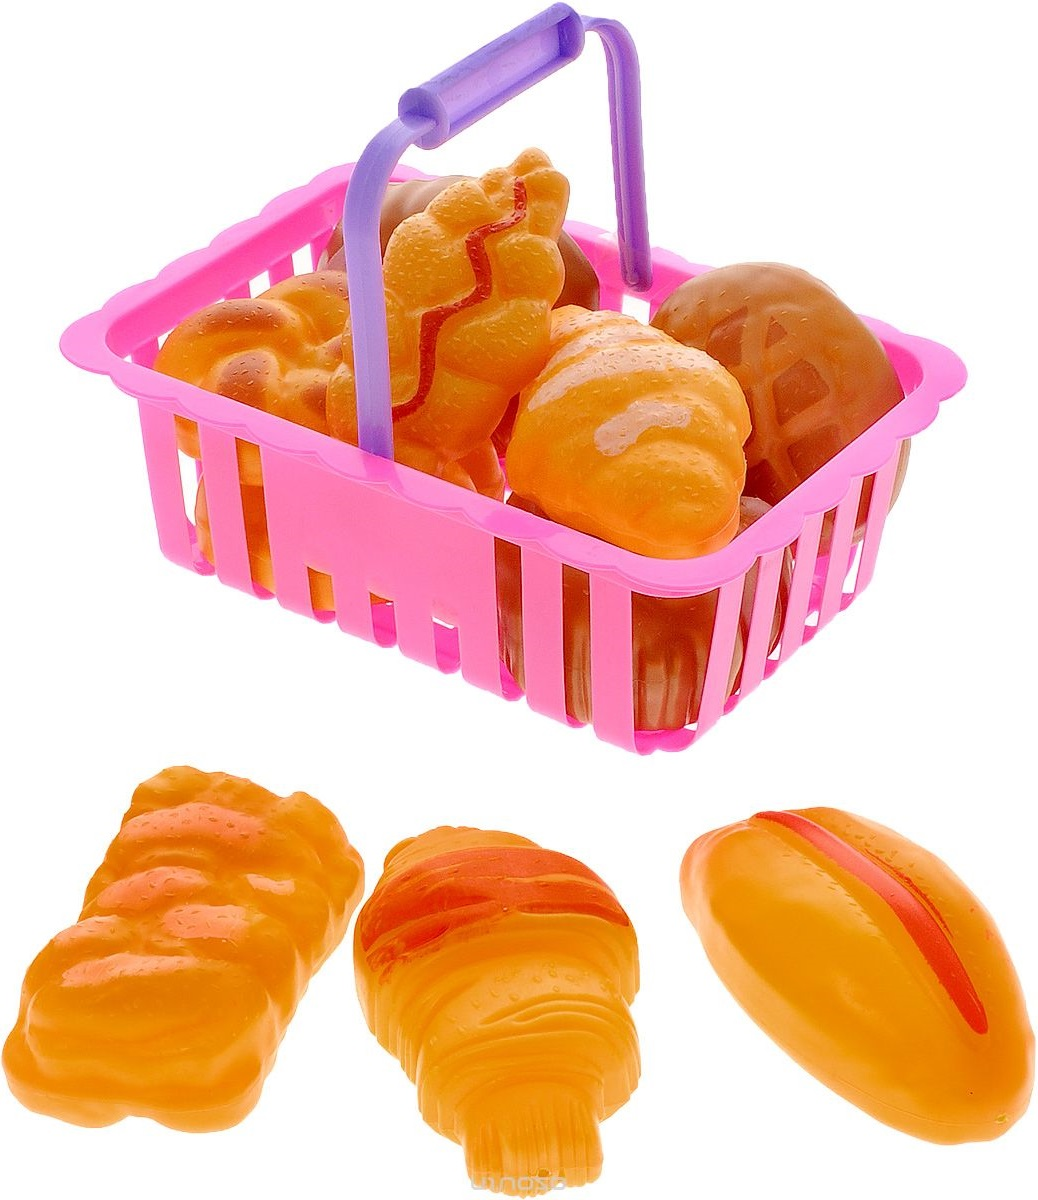 Набор продуктов «Помогаю маме» в корзине, 11 предметовАксессуары и техника для детской кухни<br>Набор продуктов «Помогаю маме» в корзине, 11 предметов<br>